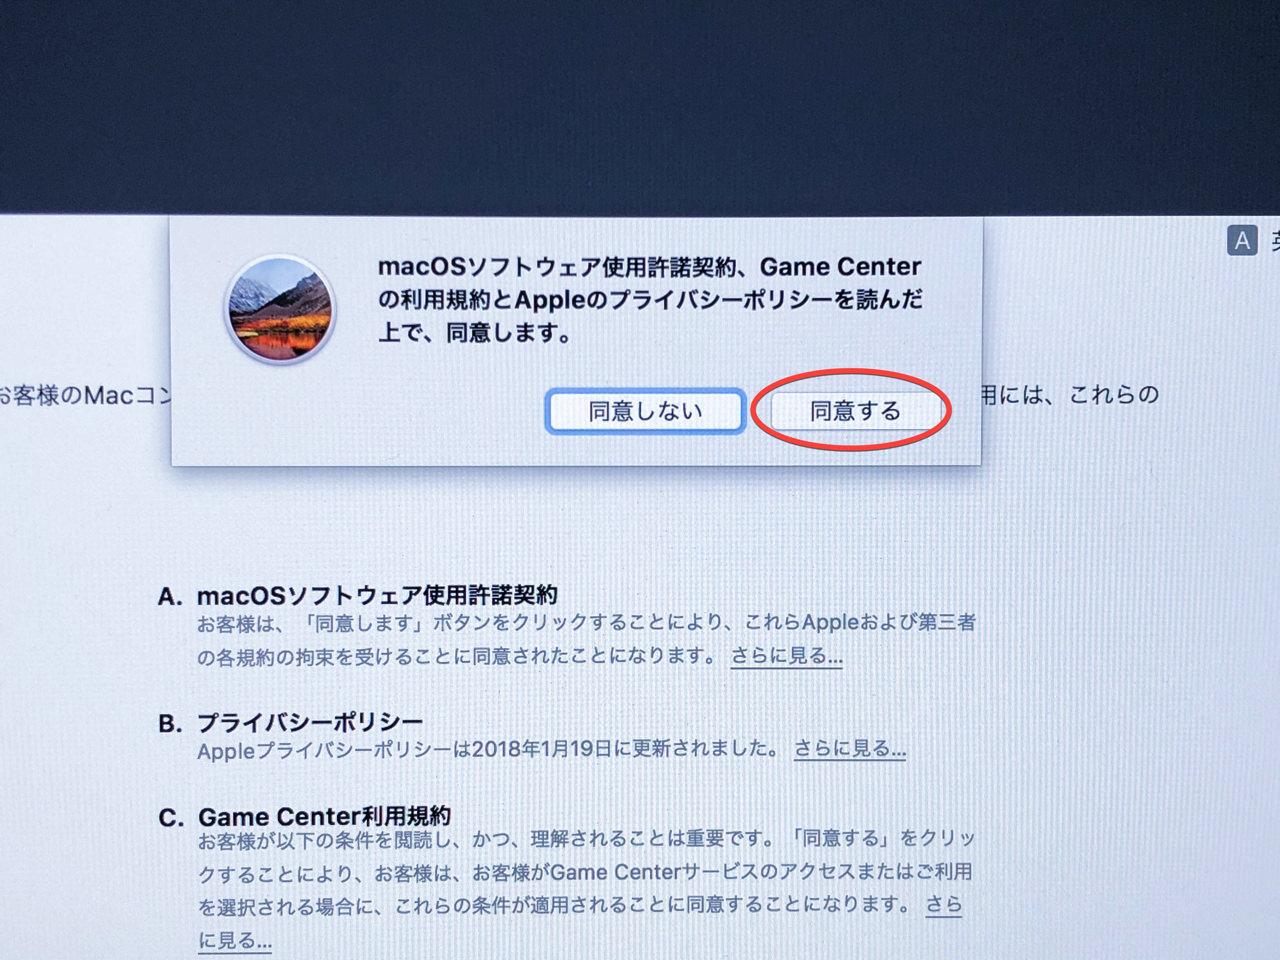 macOSソフトウェア使用許諾契約、Game Centerの利用規約、Appleのプライバシーポリシーに同意する